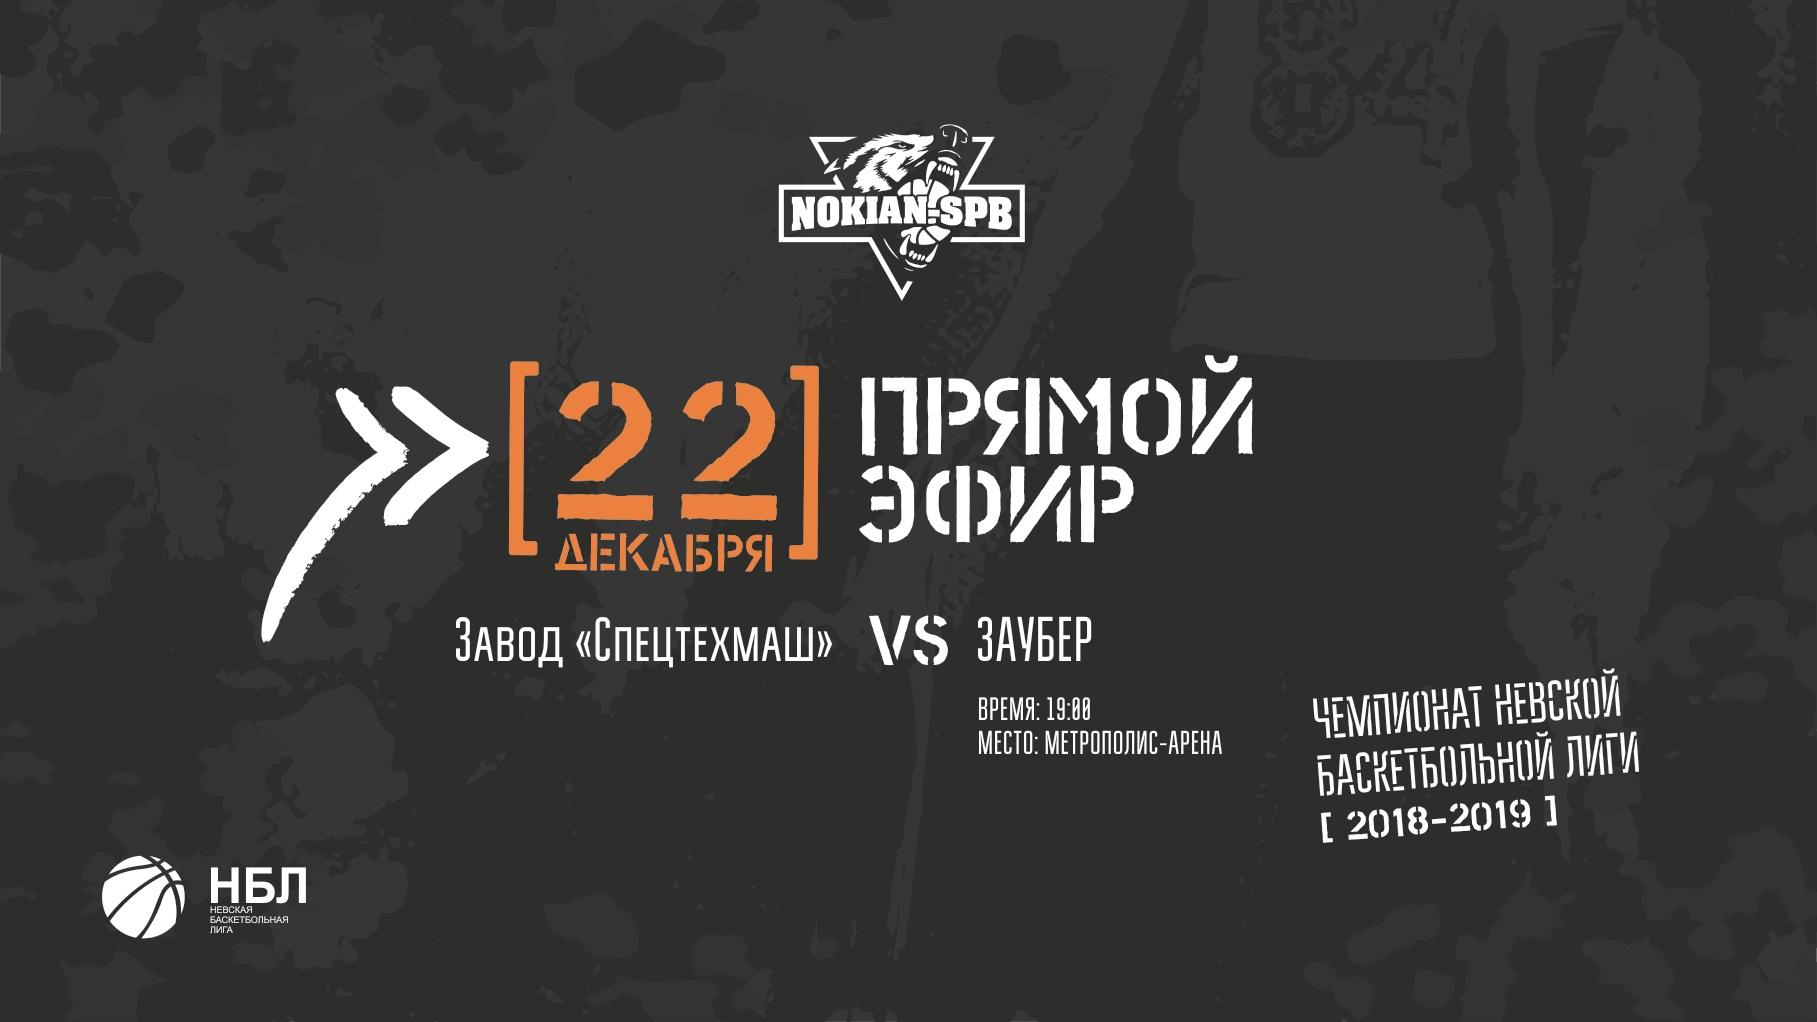 Центральный матч недели Завод «Спецтехмаш» - Заубер